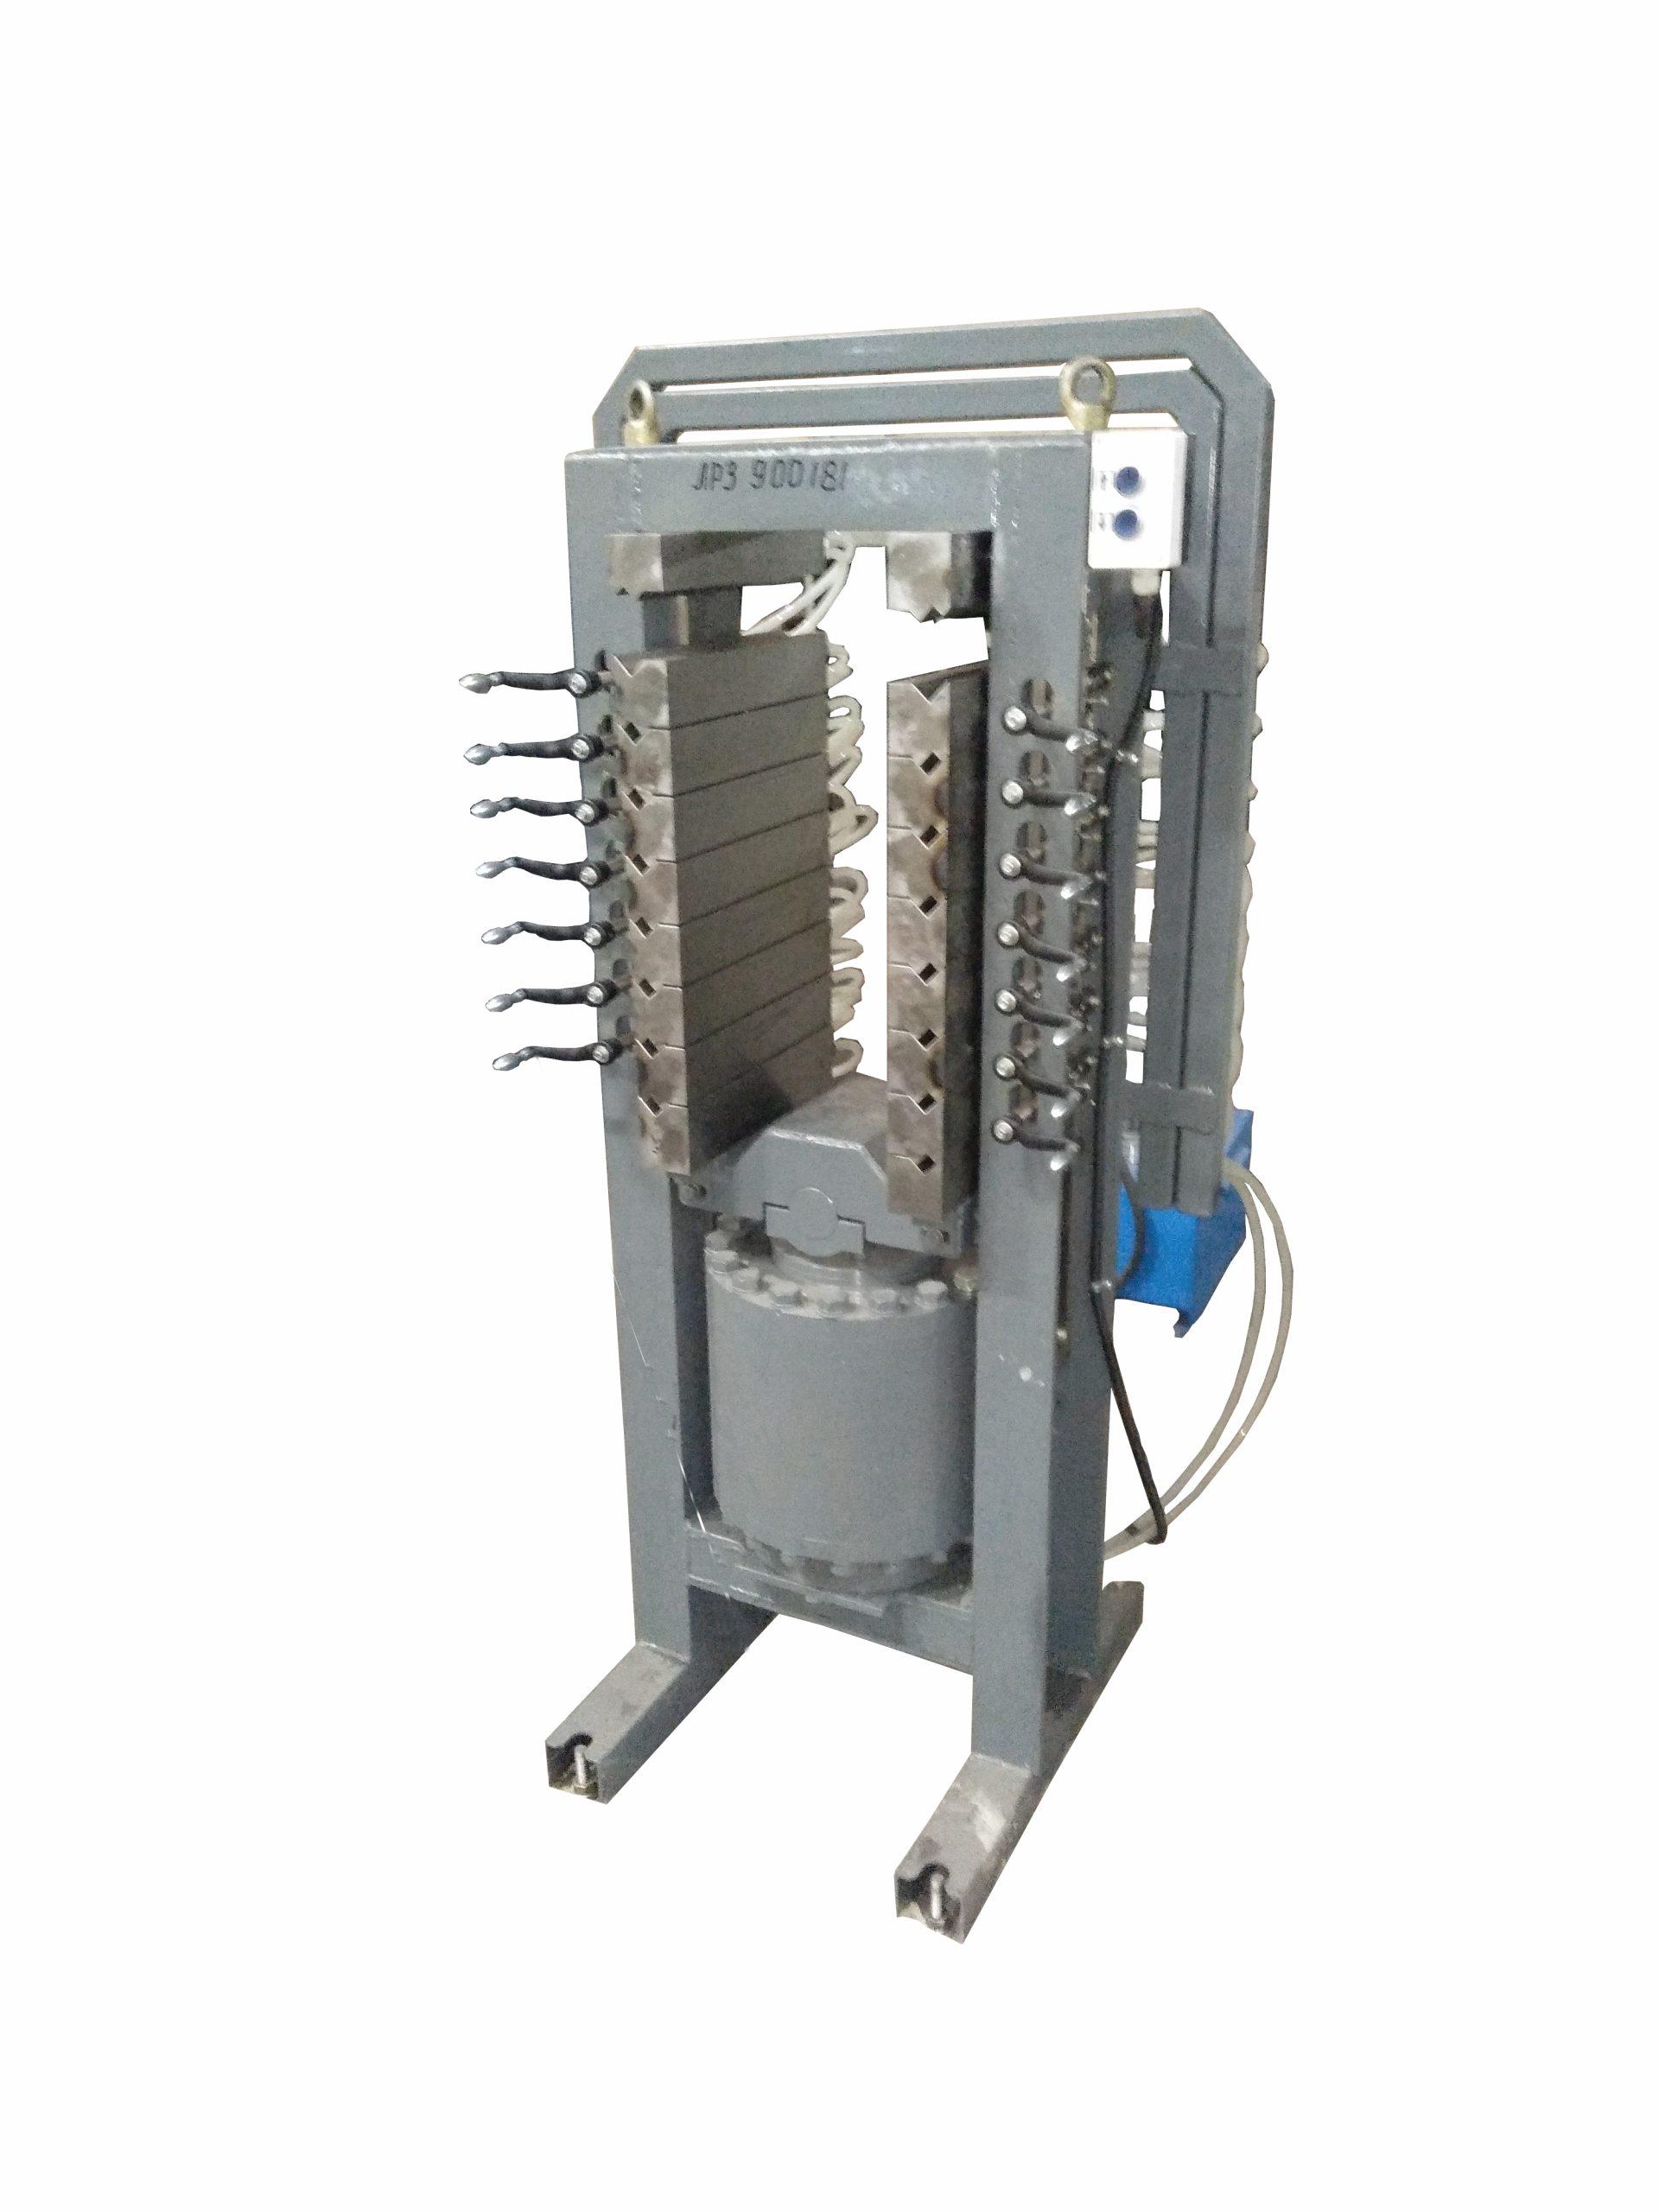 Пресс многоуровневый для опрессовки якорных катушек после пропитки РИФЖ 043261.004